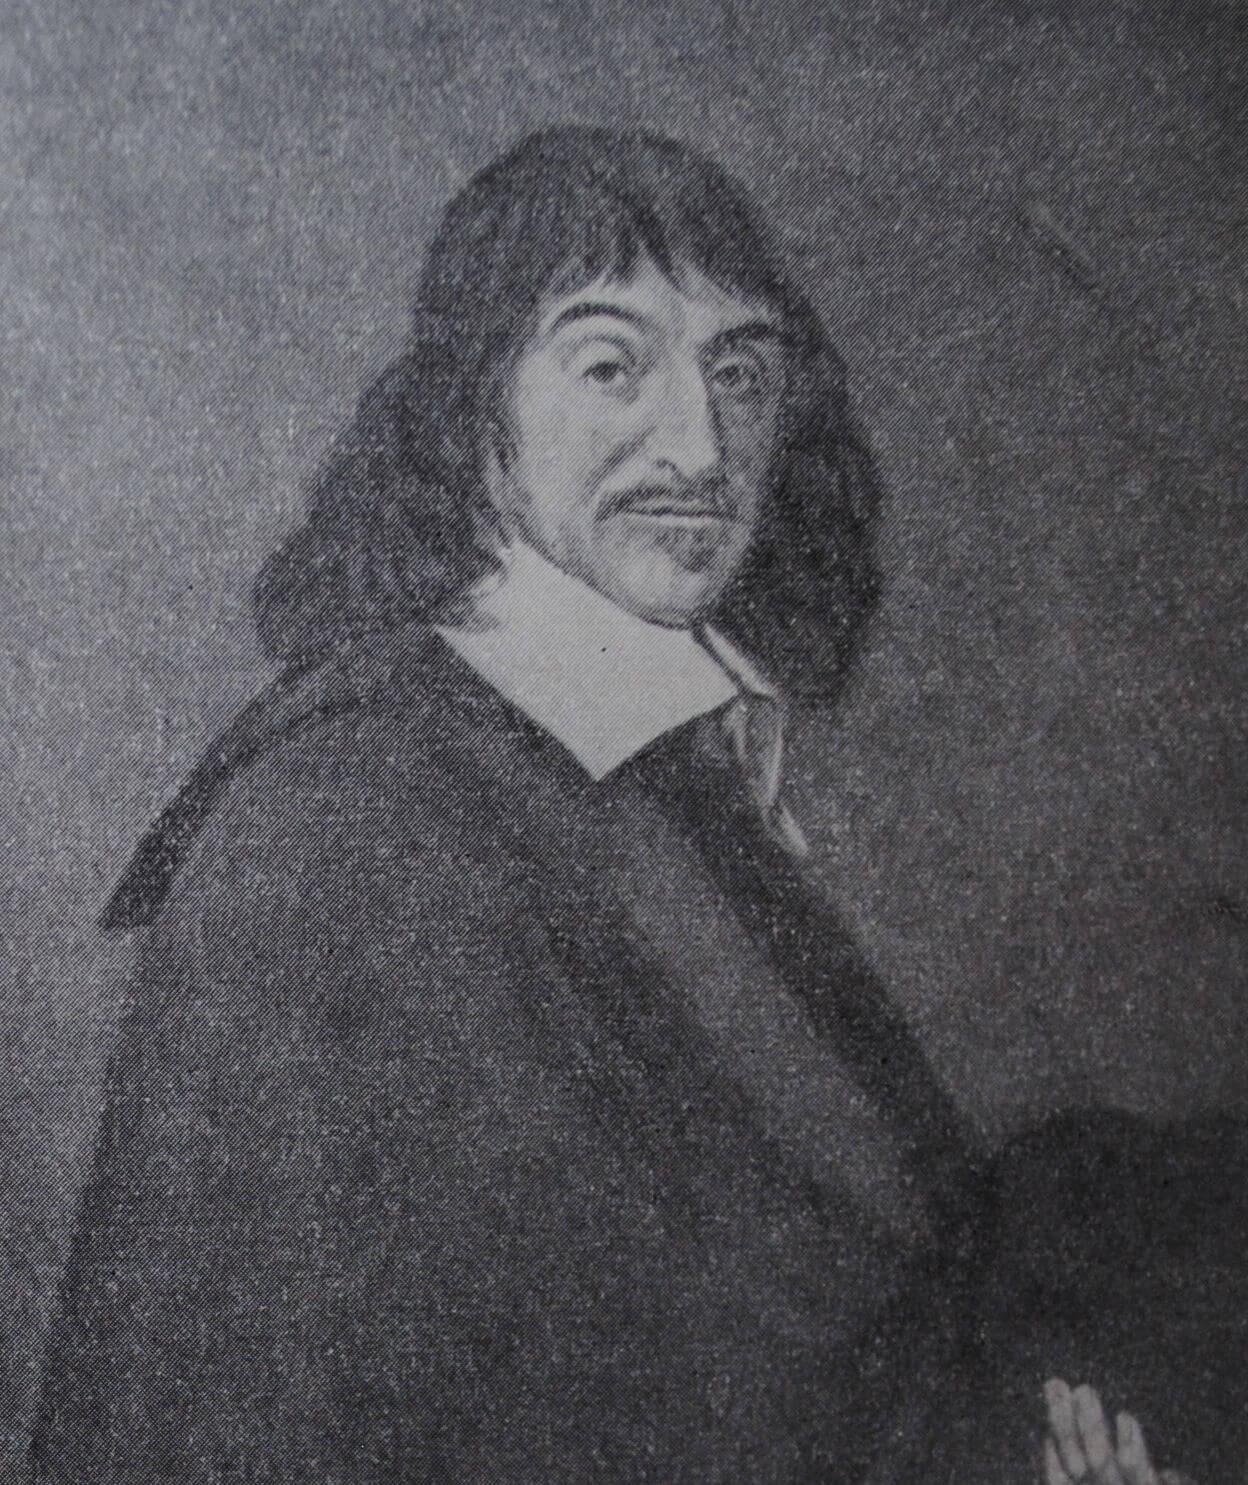 Ренэ Декарт. Портрет работы Франса Гальса. 1649 г.